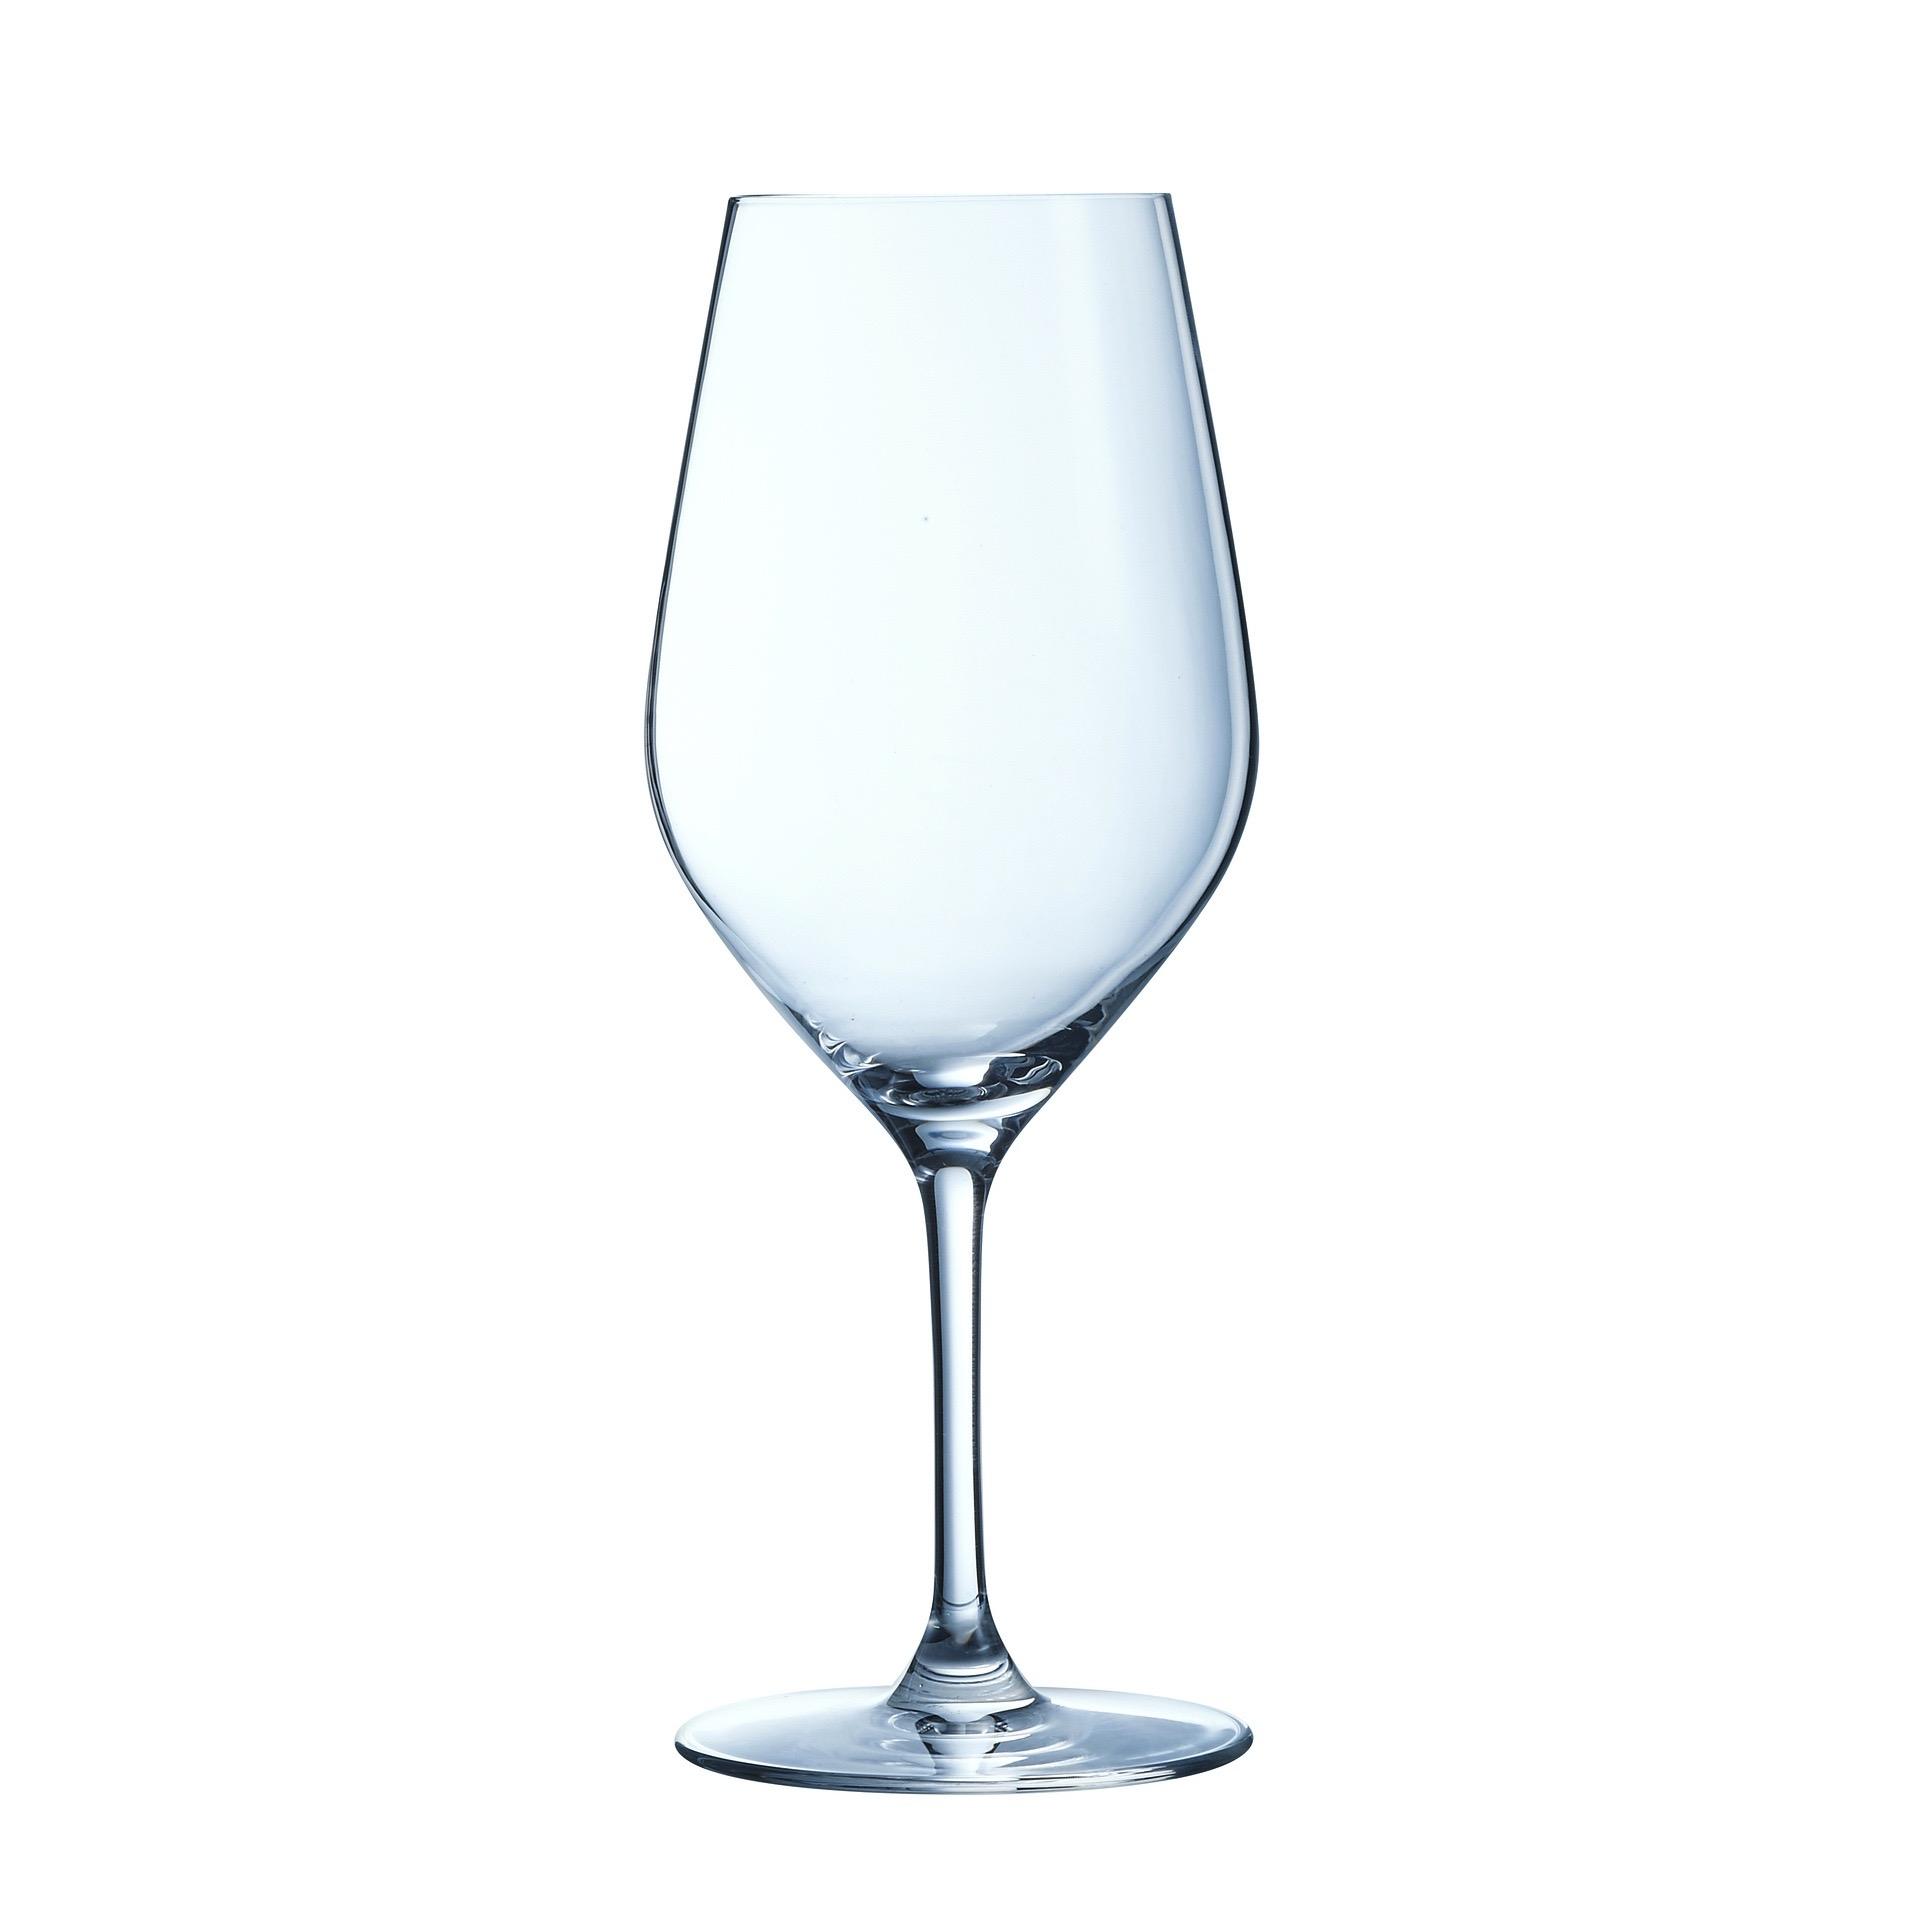 Weisswein Gläser  Cabernet  35 cl  stoßfest   6 oder 12 Stück Rotwein